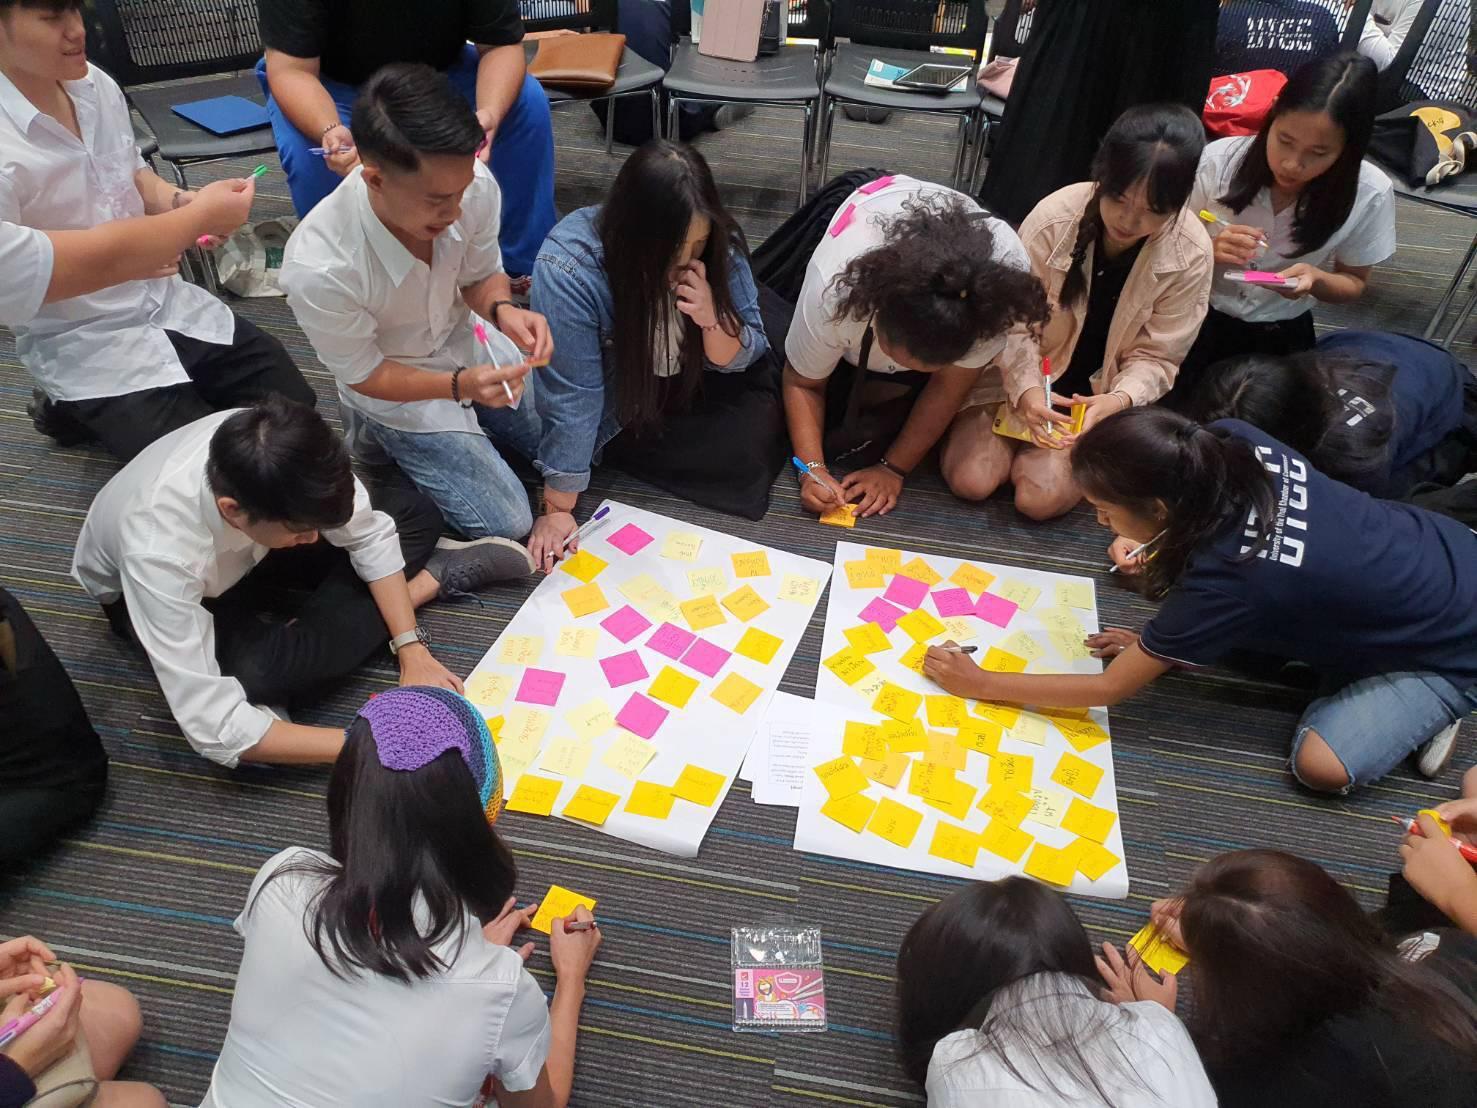 """ม.หอการค้าไทย สอนนศ.ปี1 """"ออกแบบชีวิต"""" ด้วยวิชาใหม่ ช่วยให้ค้นพบตัวเองด้วย Design Thinking"""